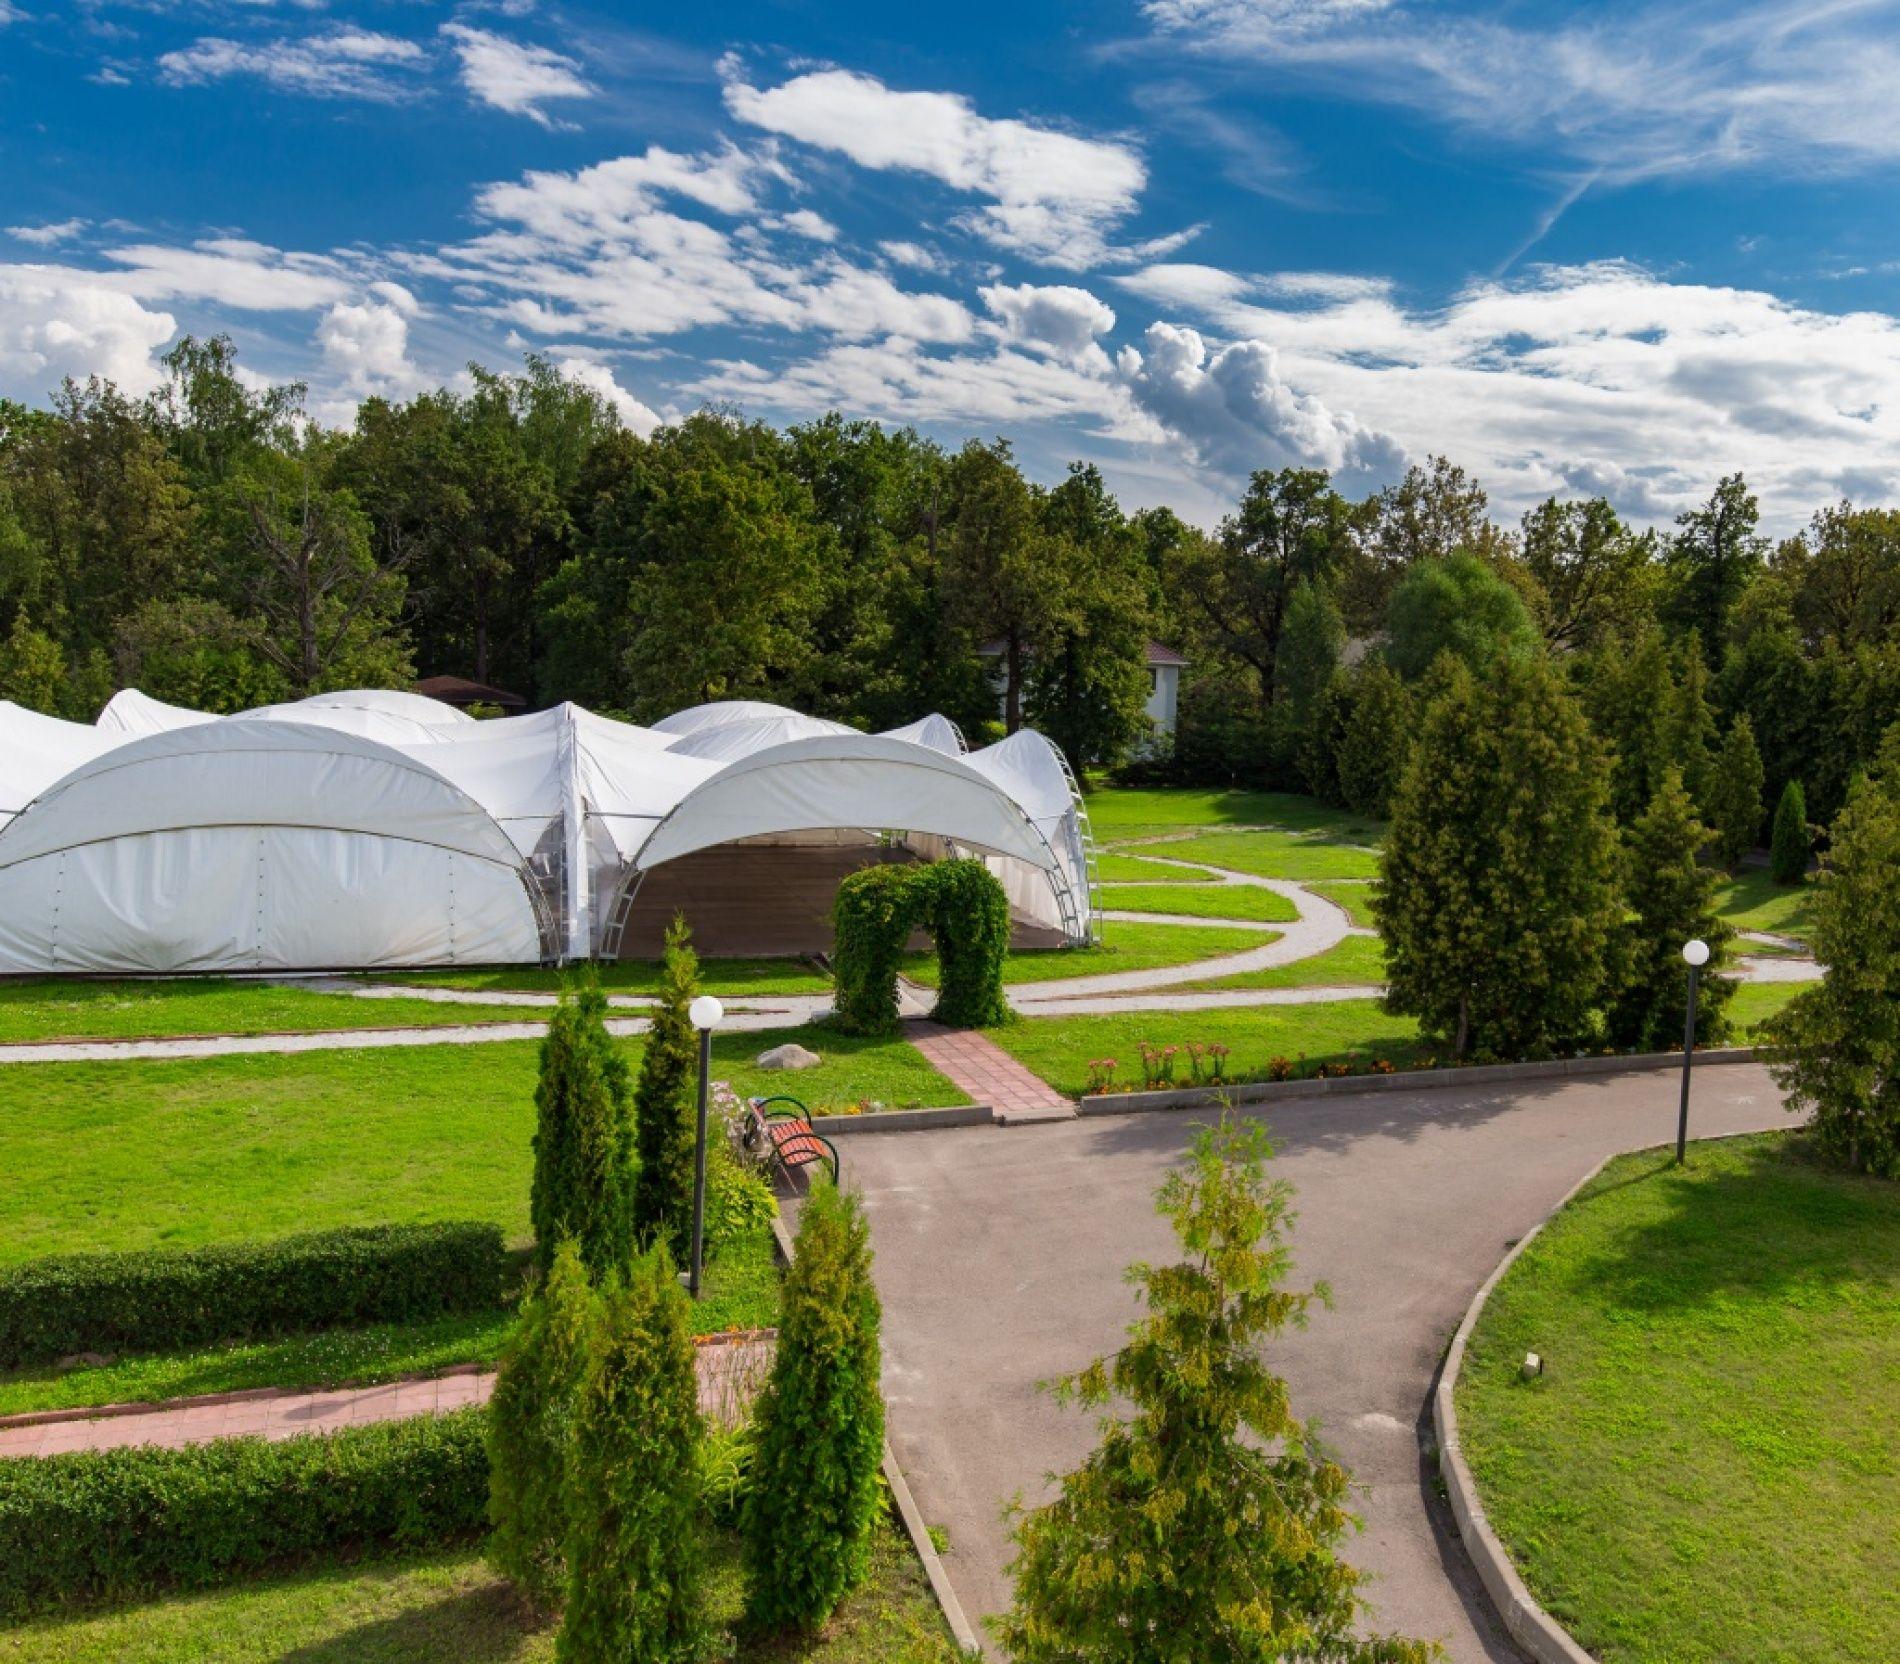 """Загородный отель """"Foresta Festival Park"""" Московская область, фото 12"""